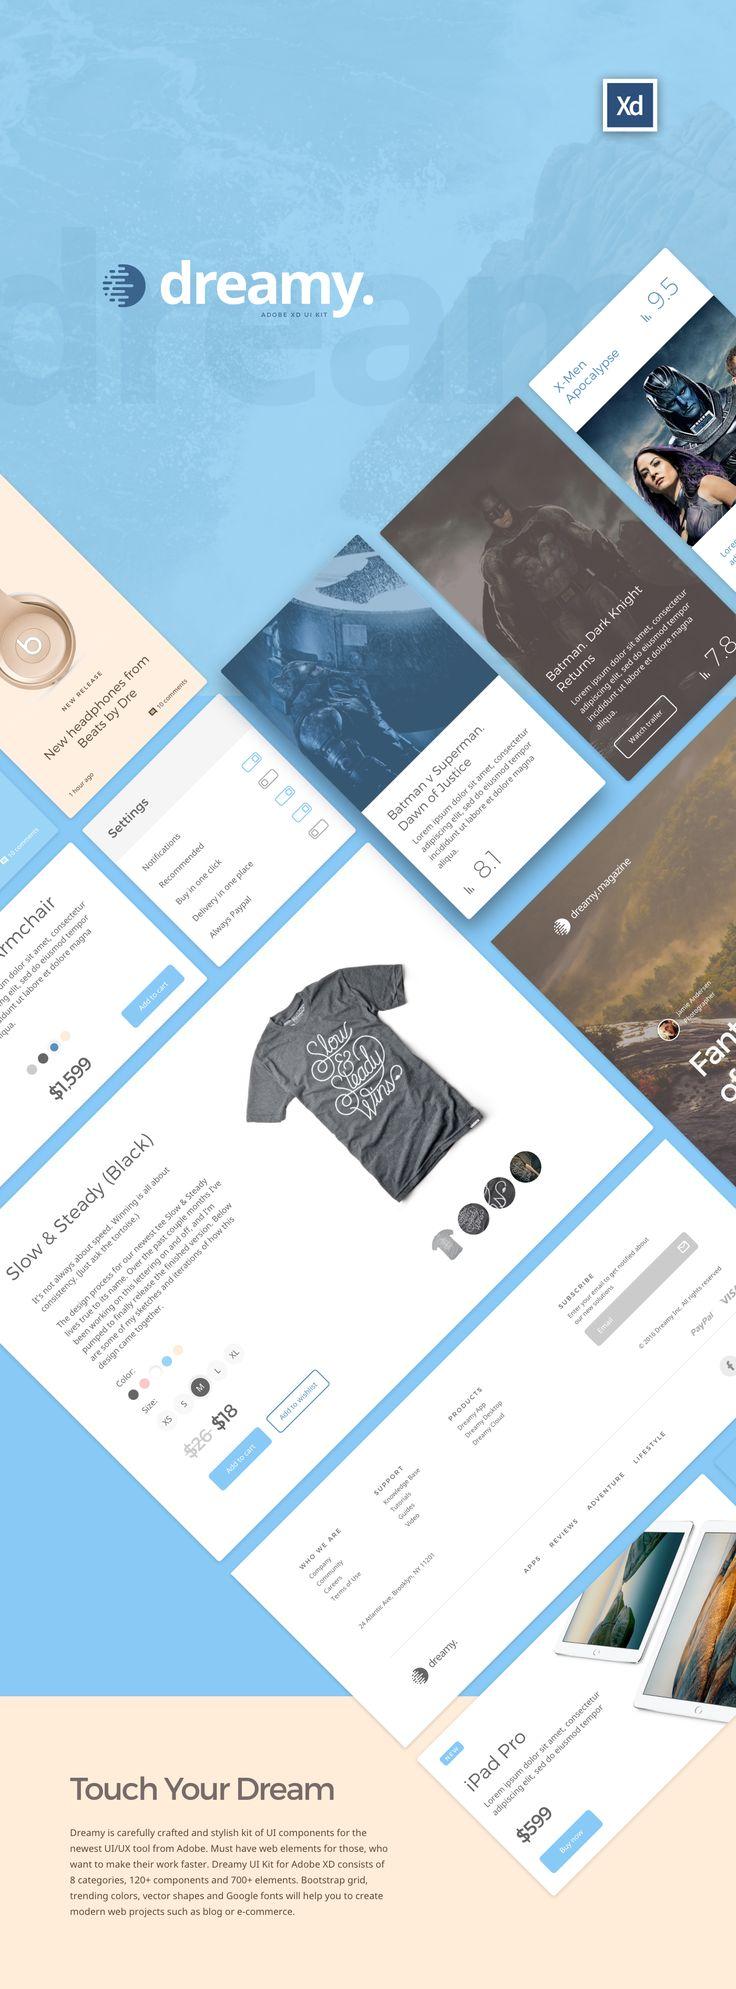 Dreamy UI Kit for Adobe XD on Behance